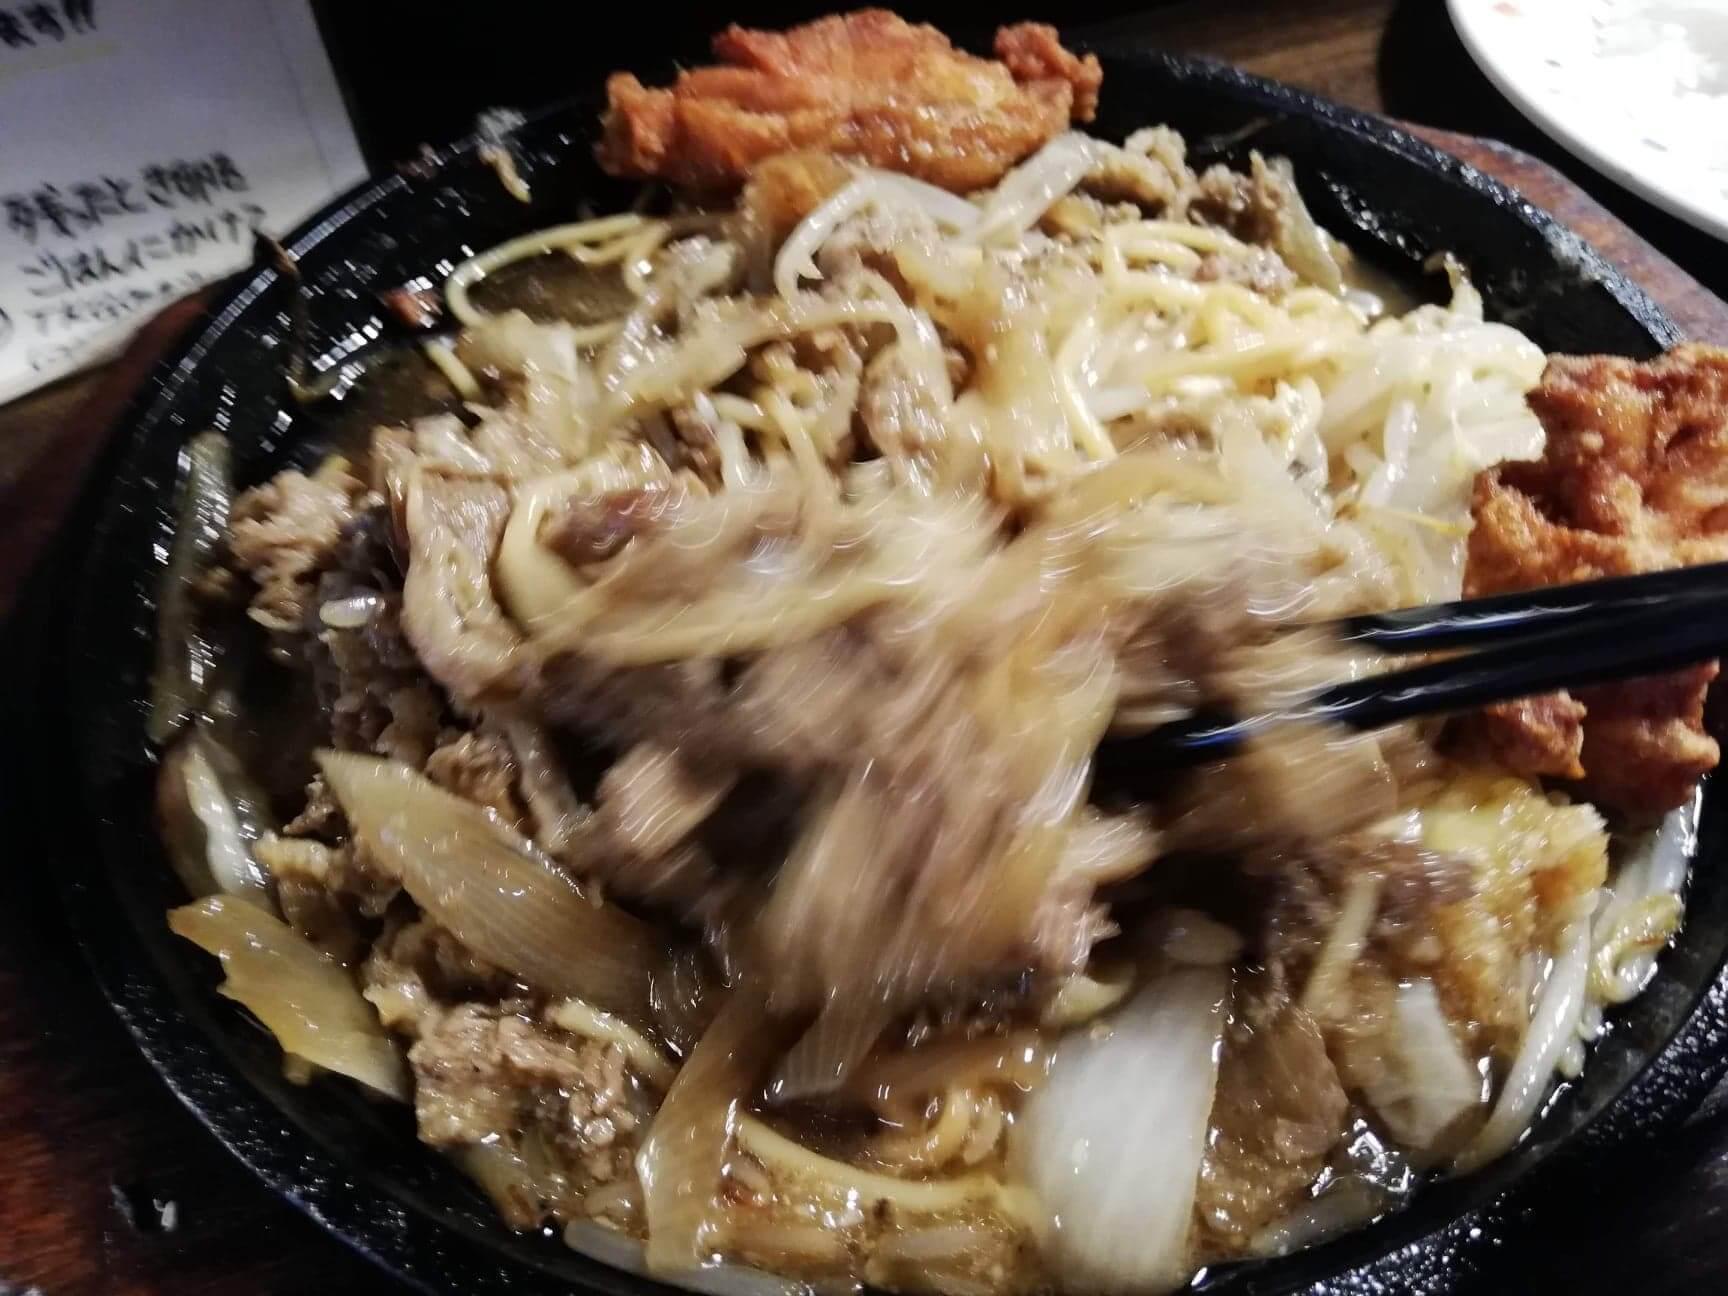 池袋『牛焼ジョニー』のジョニーの牛焼きを箸でかき混ぜている写真